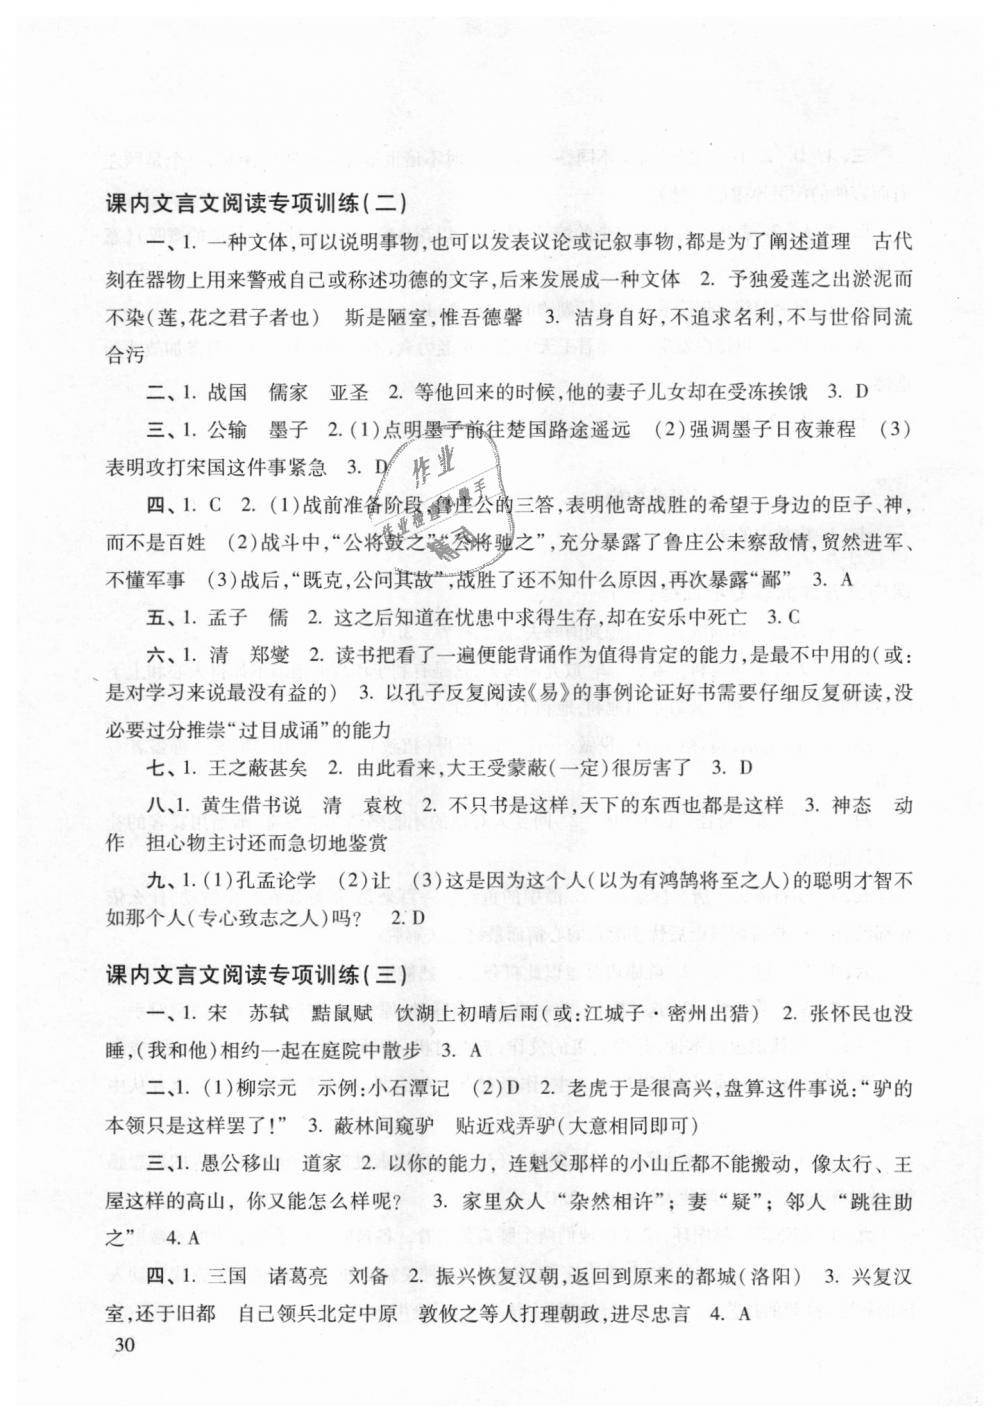 2018年中考文言诗文考试篇目点击九年级语文沪教版第30页